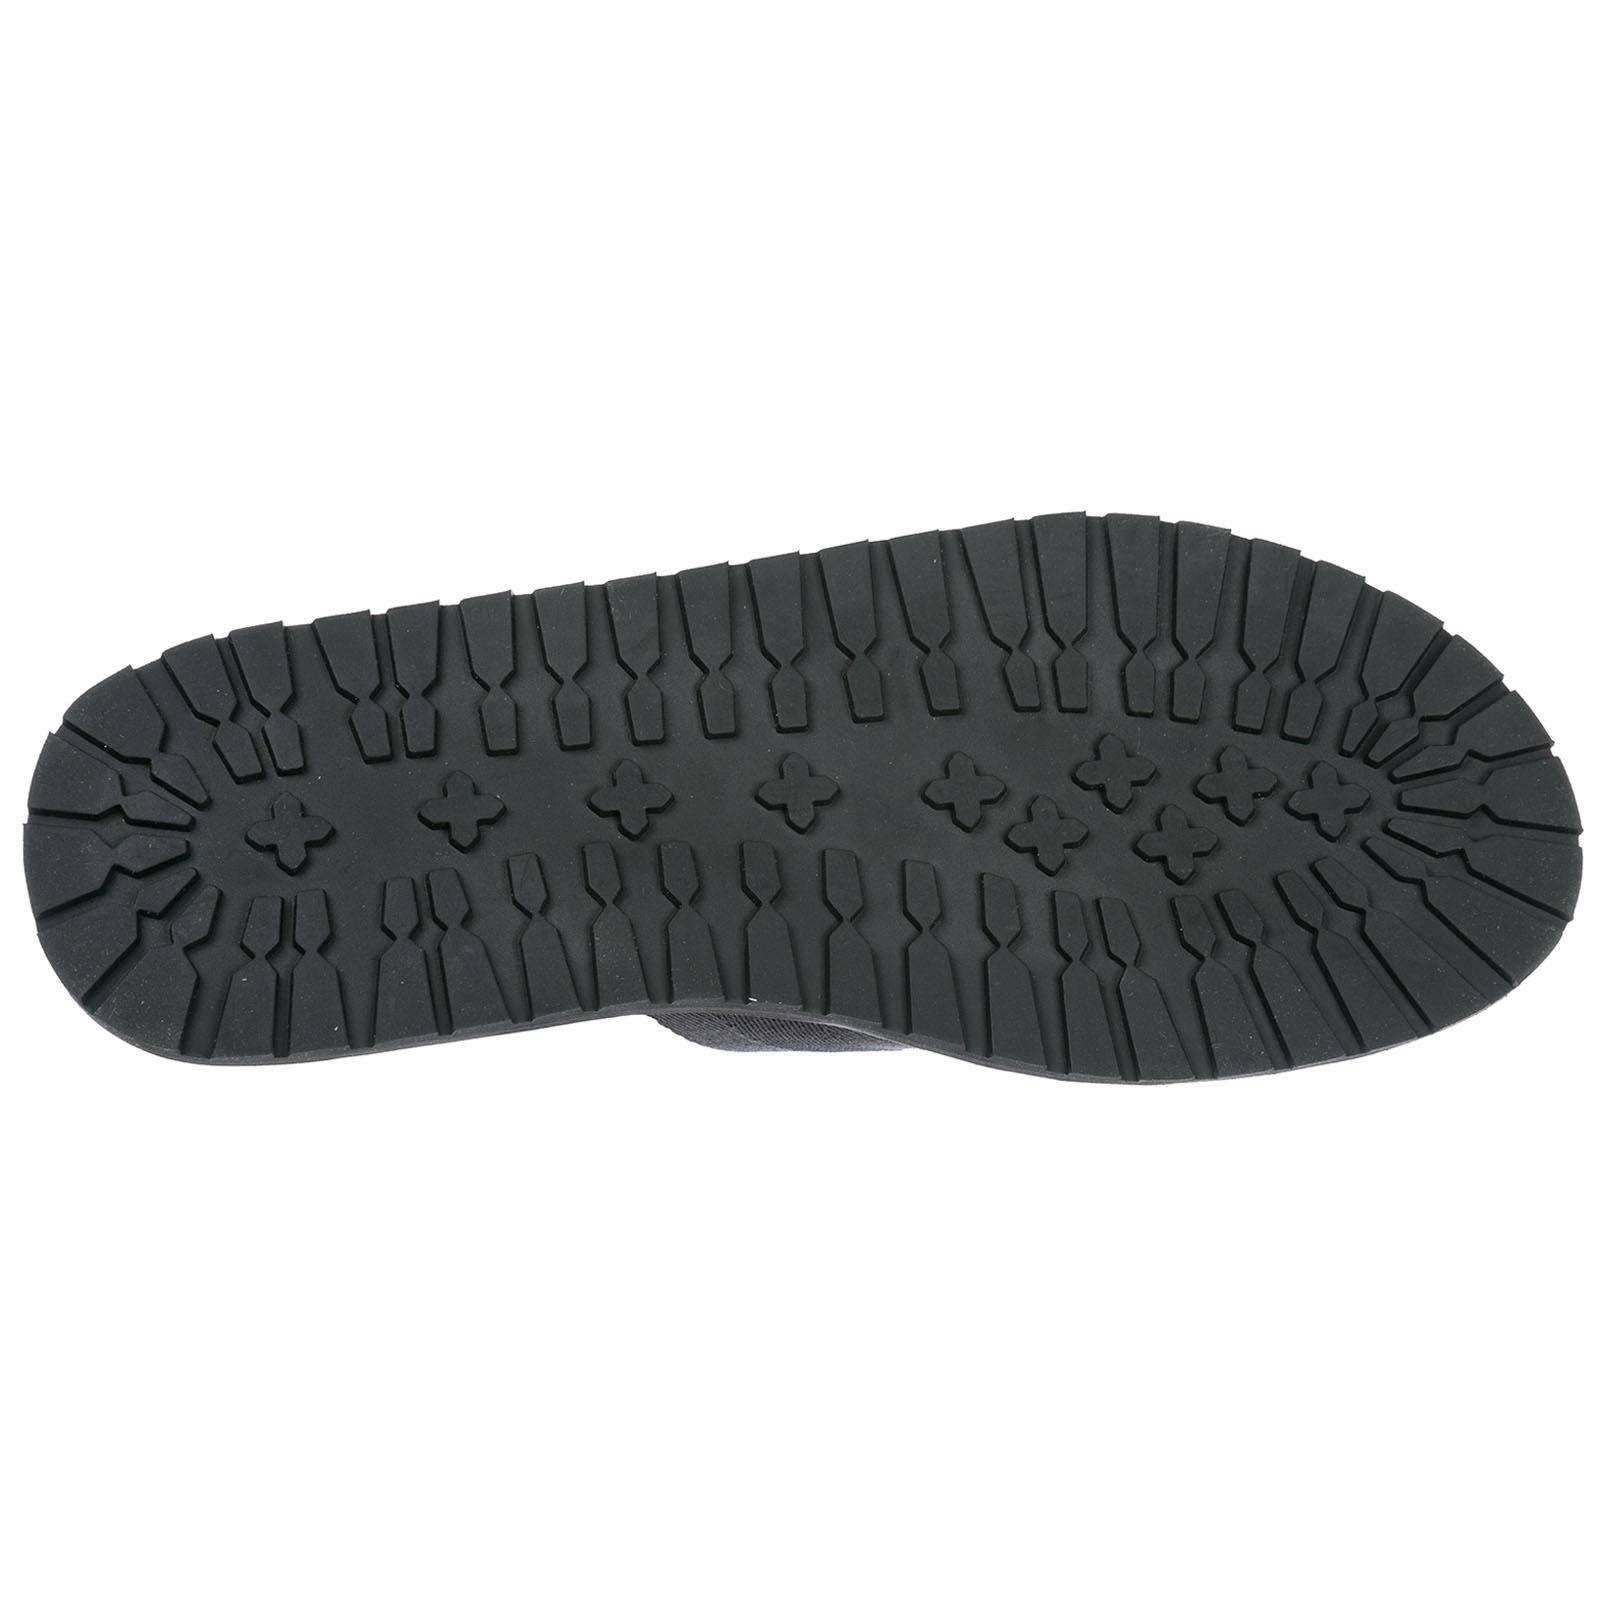 Hombres zapatillas sandalias en goma